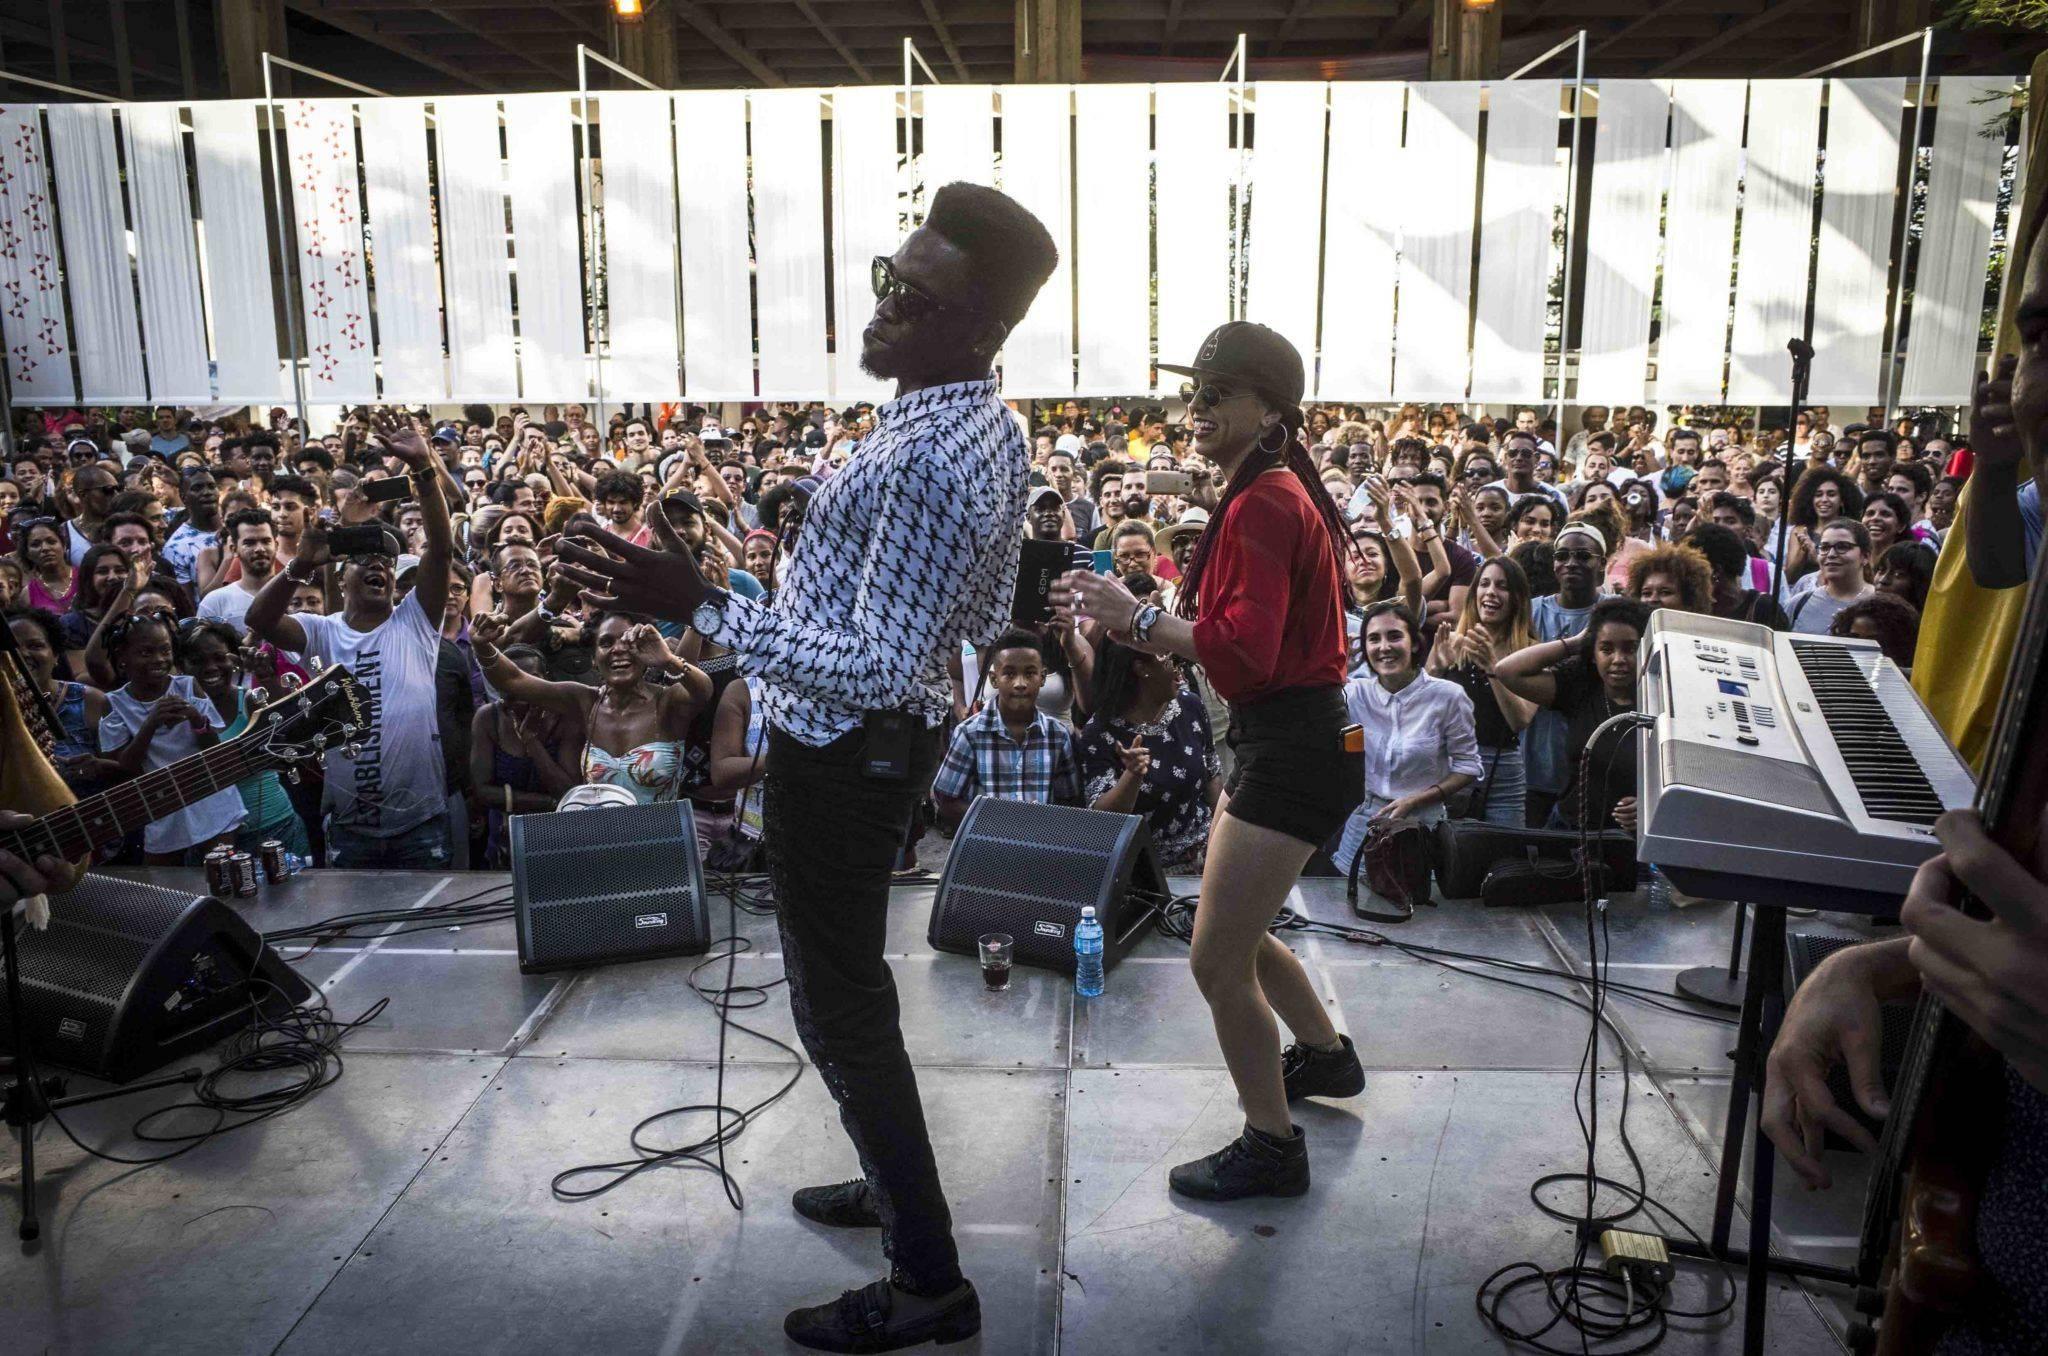 Concierto de Cimafunk en el Pabellón Cuba, La Habana. Foto: Marie Aureille.